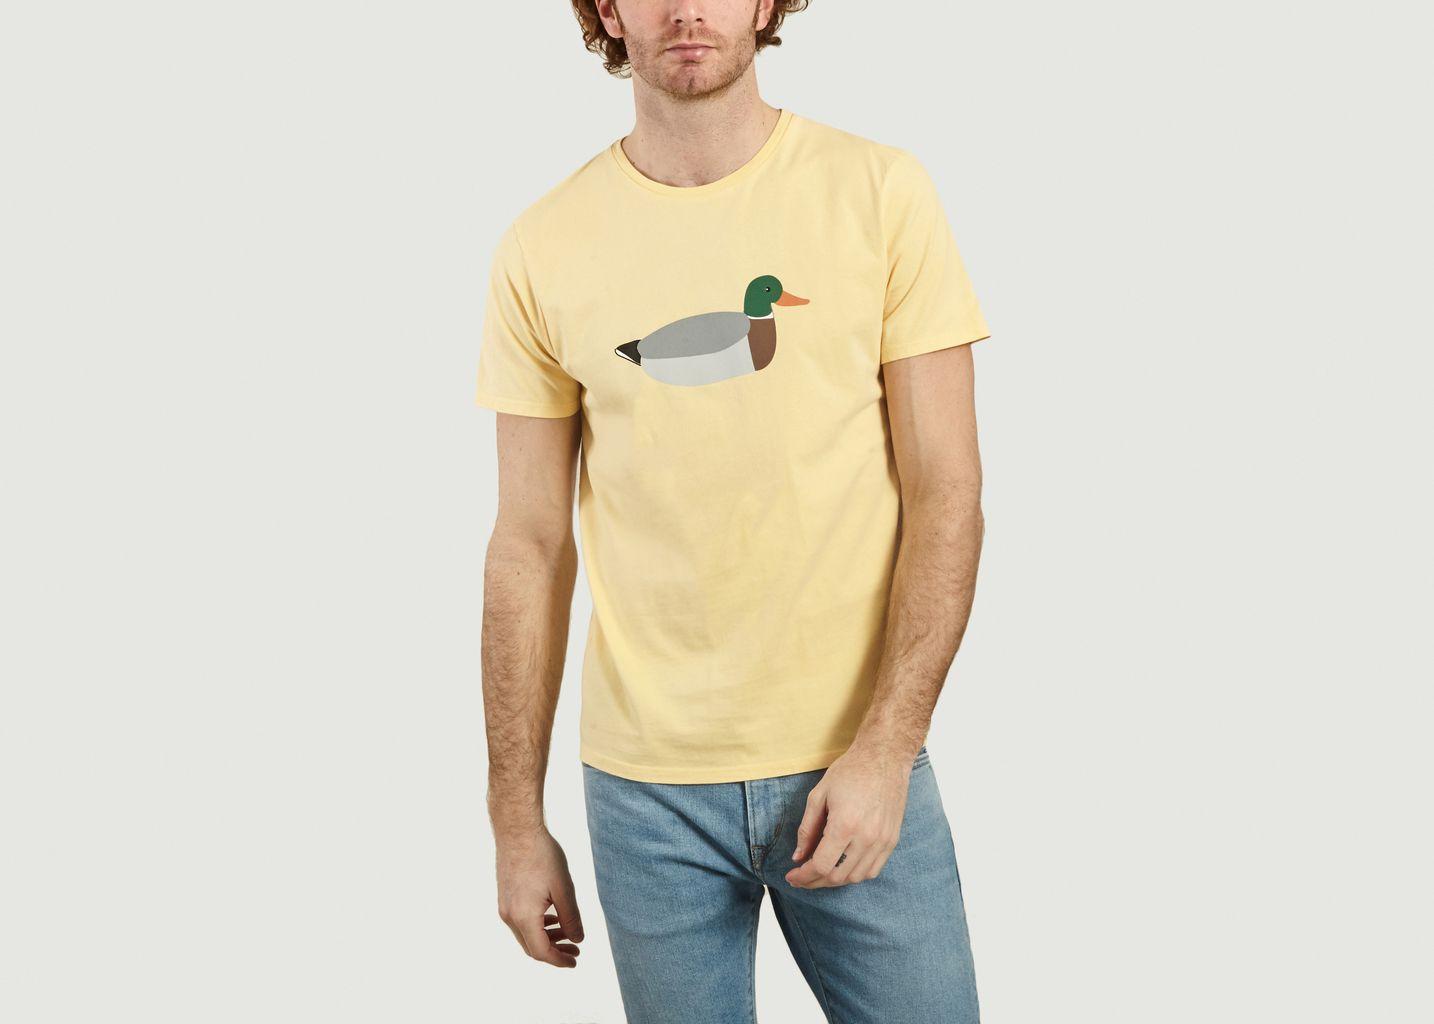 T-Shirt Duck Patch - Edmmond Studios